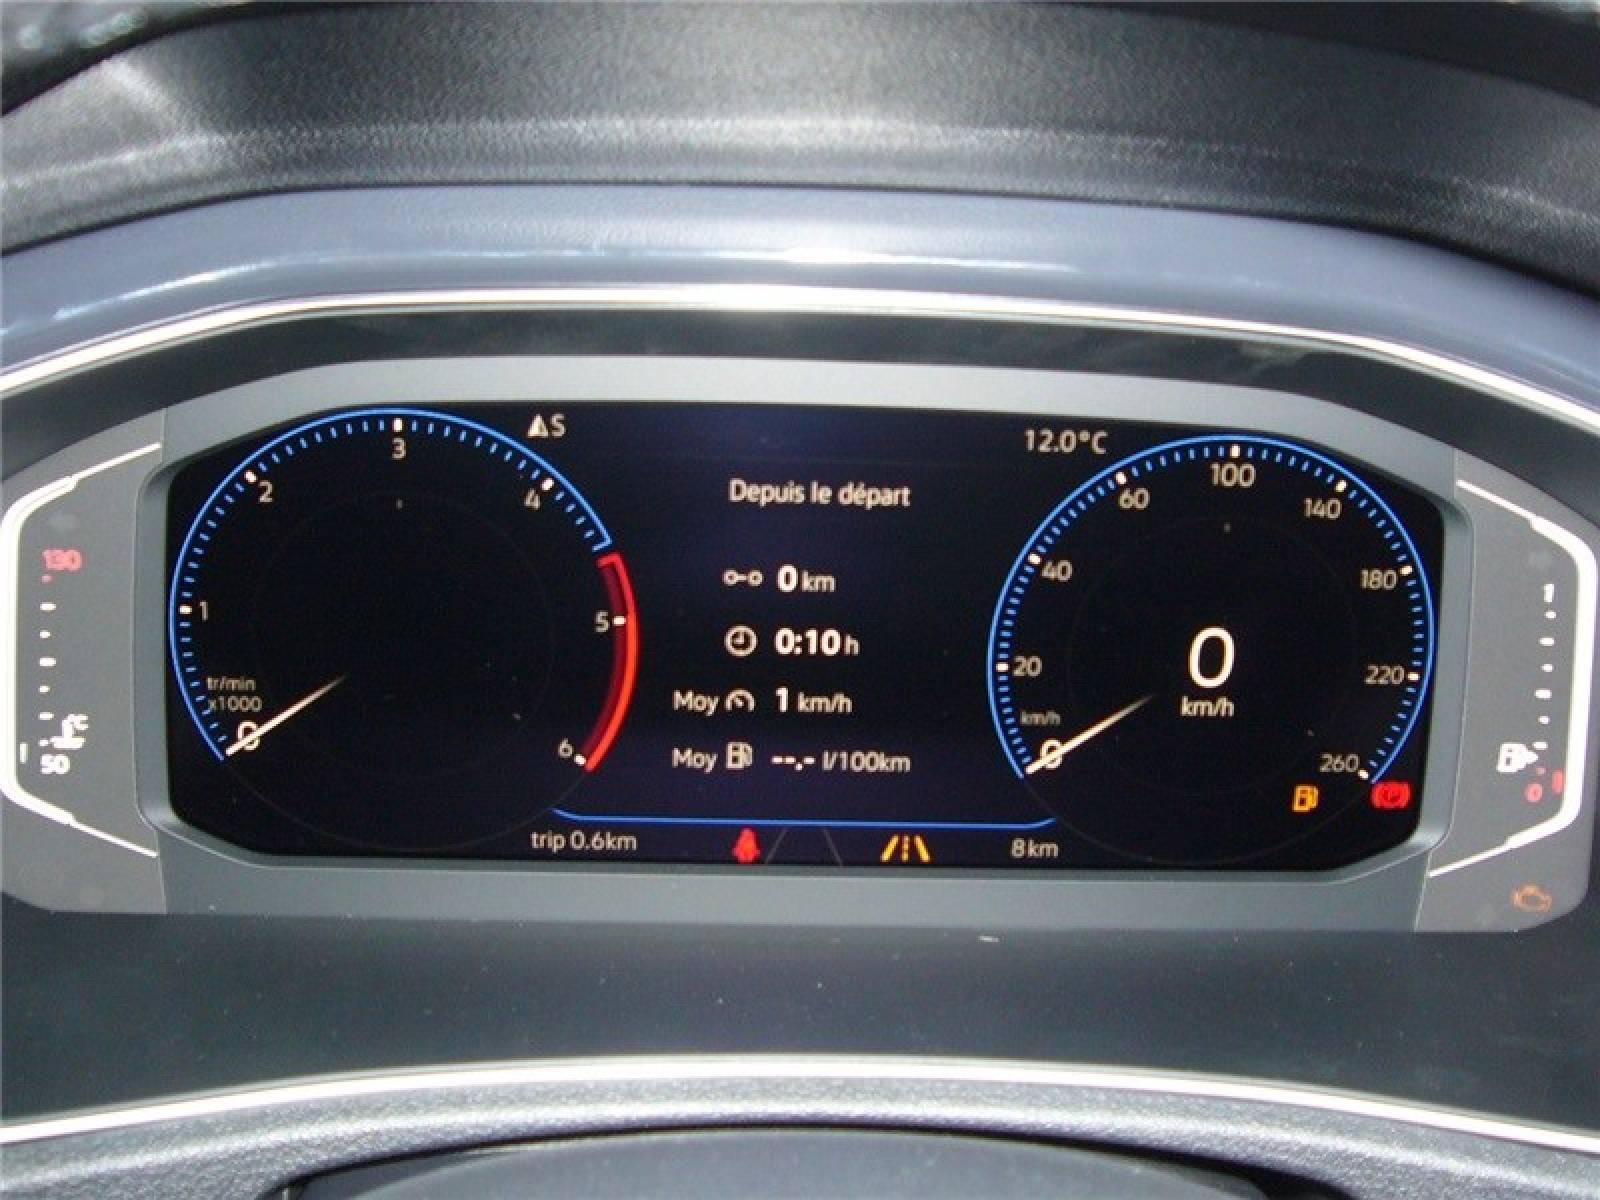 VOLKSWAGEN T-Roc 1.6 TDI 115 BVM6 - véhicule d'occasion - LEMAUVIEL AUTOMOBILES - Présentation site web V2 - Lemauviel automobiles - AVRANCHES - 50300 - LE VAL-SAINT-PÈRE - 10